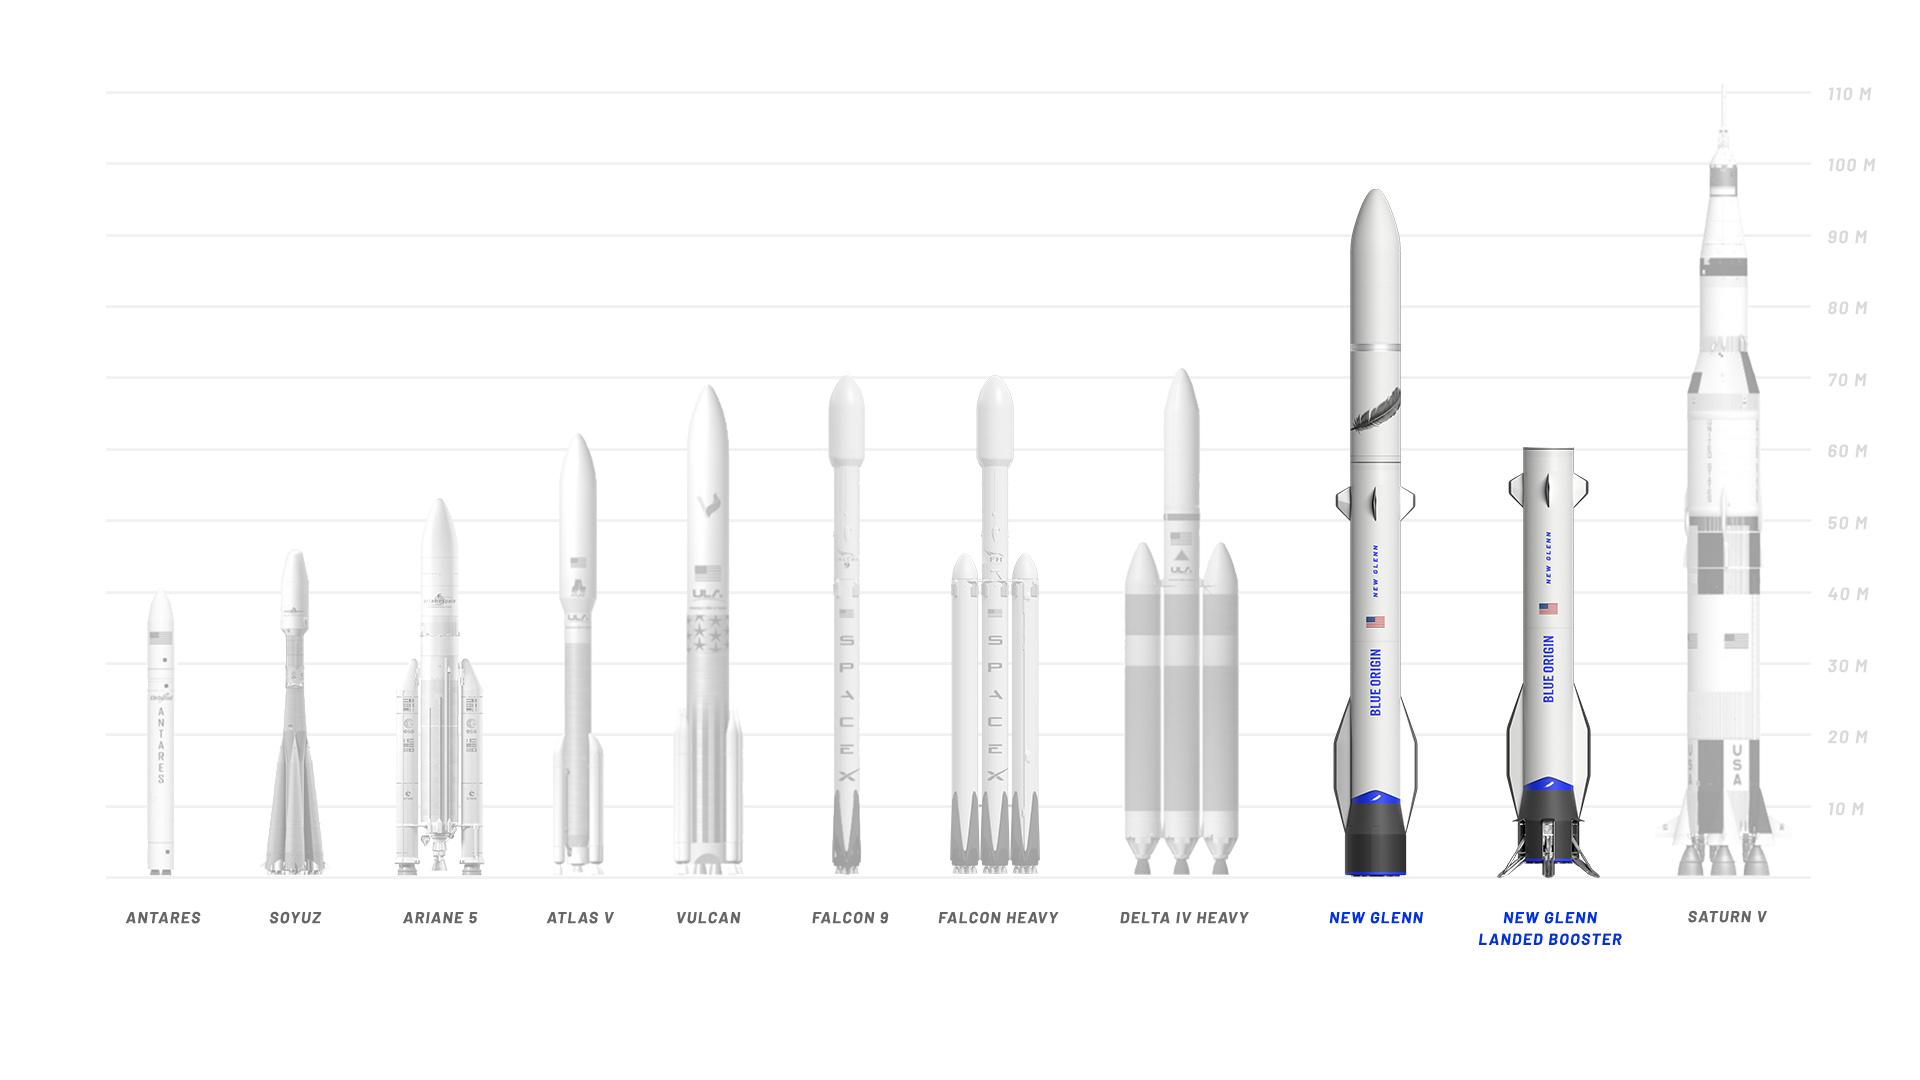 BlueOrigin_NewGlenn_LaunchSystemLandscapeComparisonv2